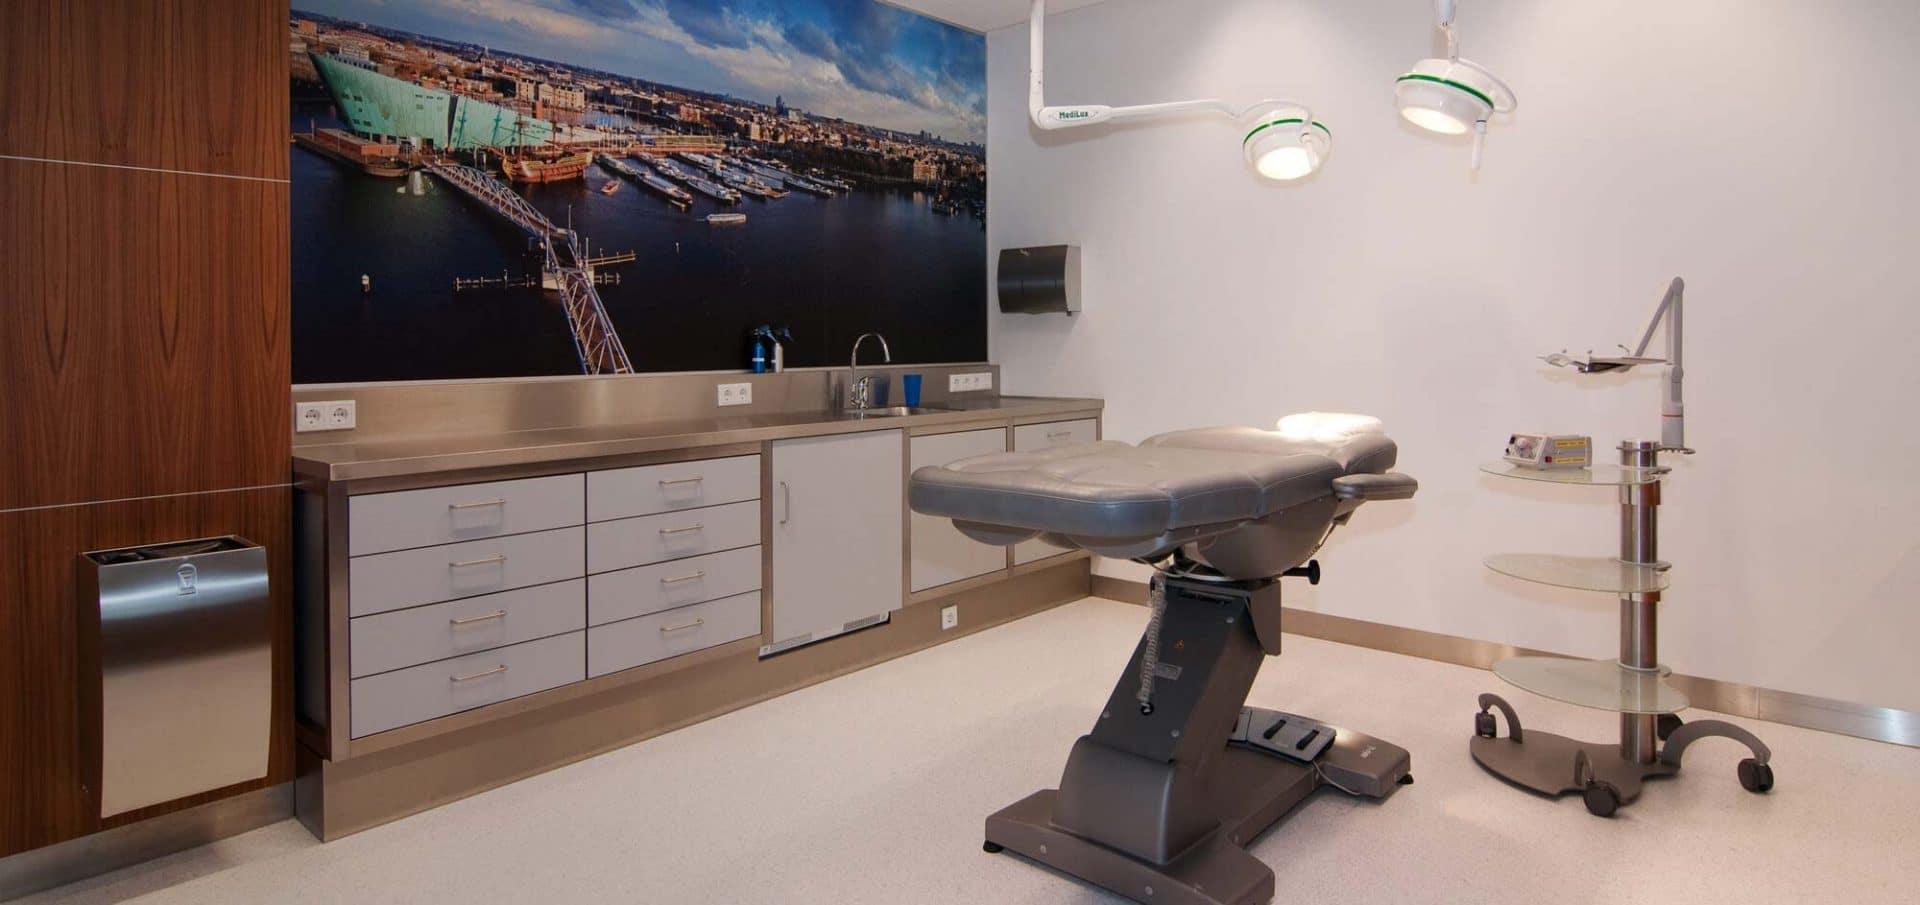 haartransplantatie Amsterdam behandelkamer met rustgevende wandafbeelding